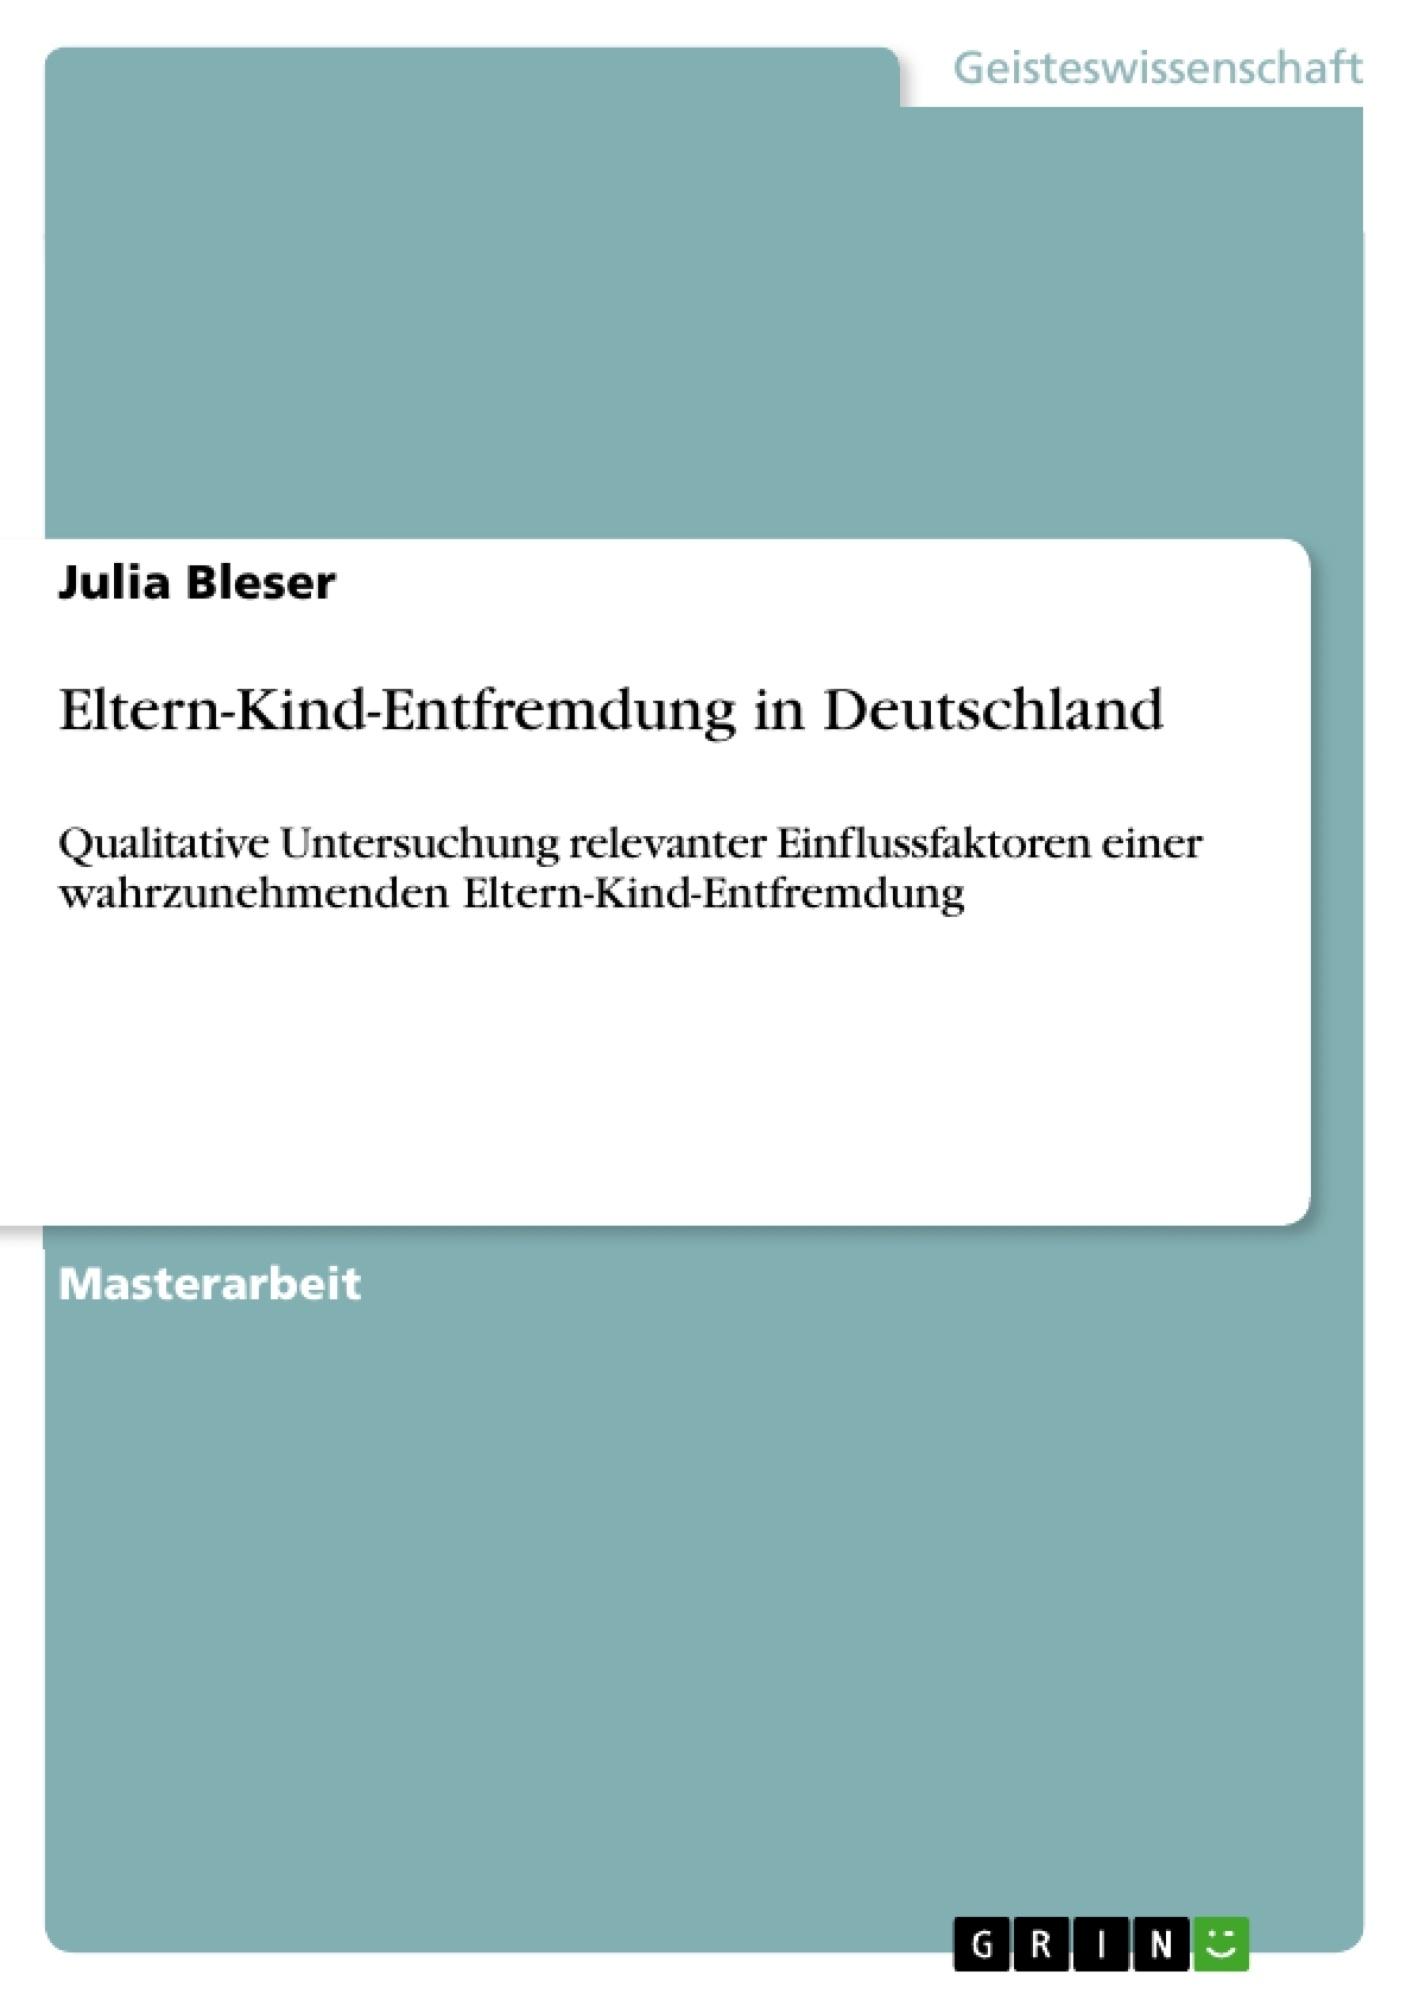 Titel: Eltern-Kind-Entfremdung in Deutschland